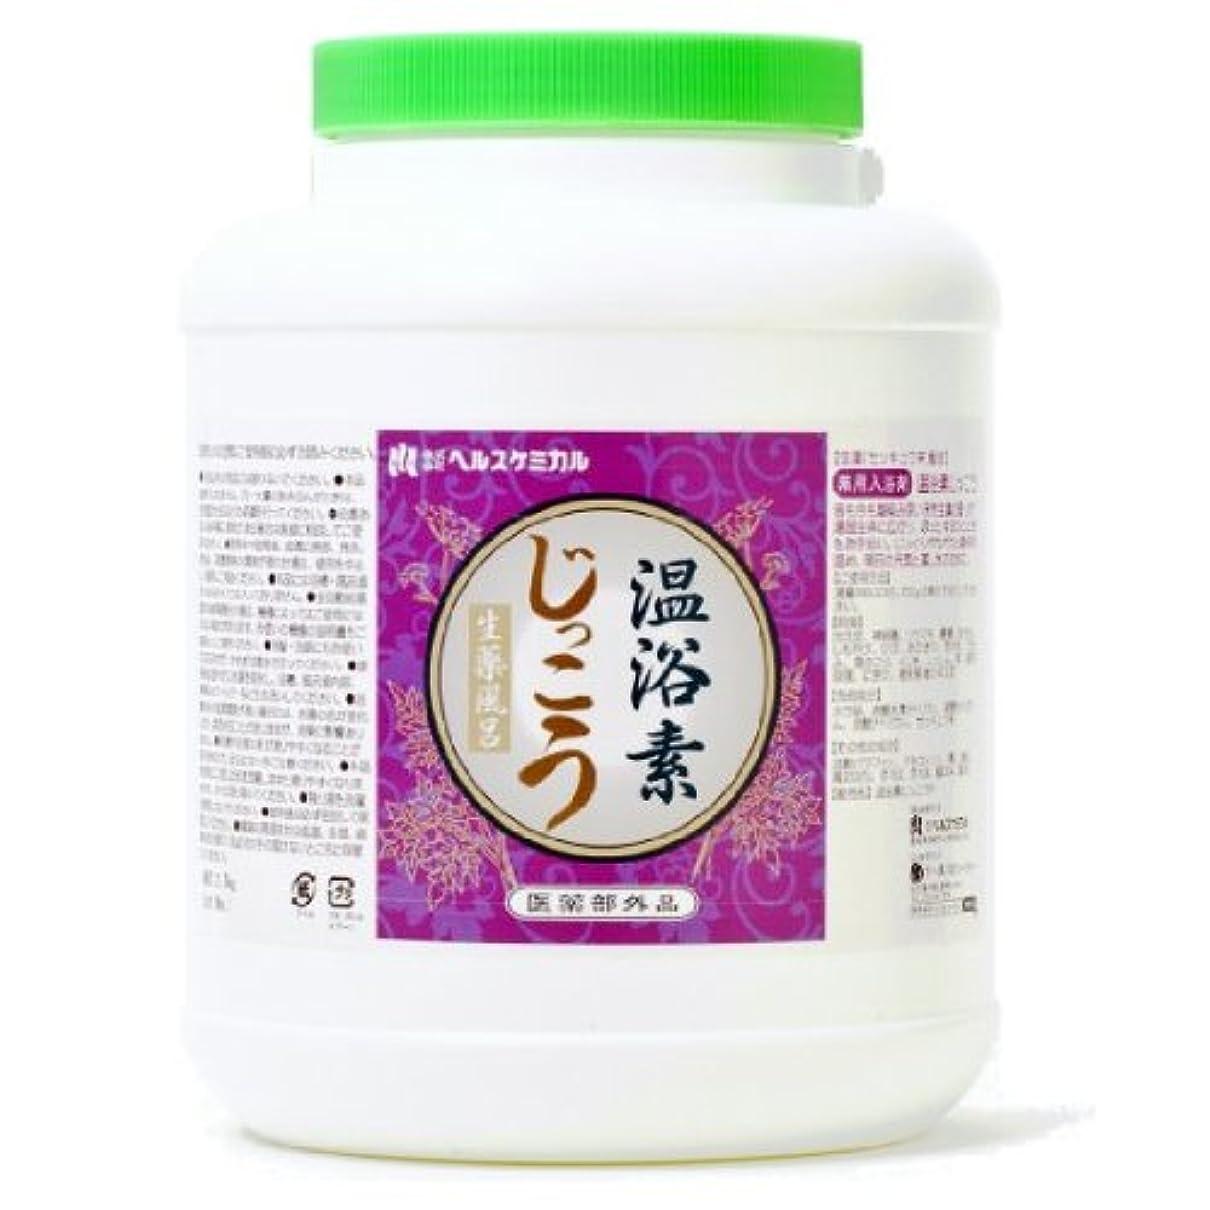 廊下同情お世話になった温浴素 じっこう 2.5kg 約125回分 粉末 生薬 薬湯 医薬部外品 ロングセラー 天然生薬 の 香り